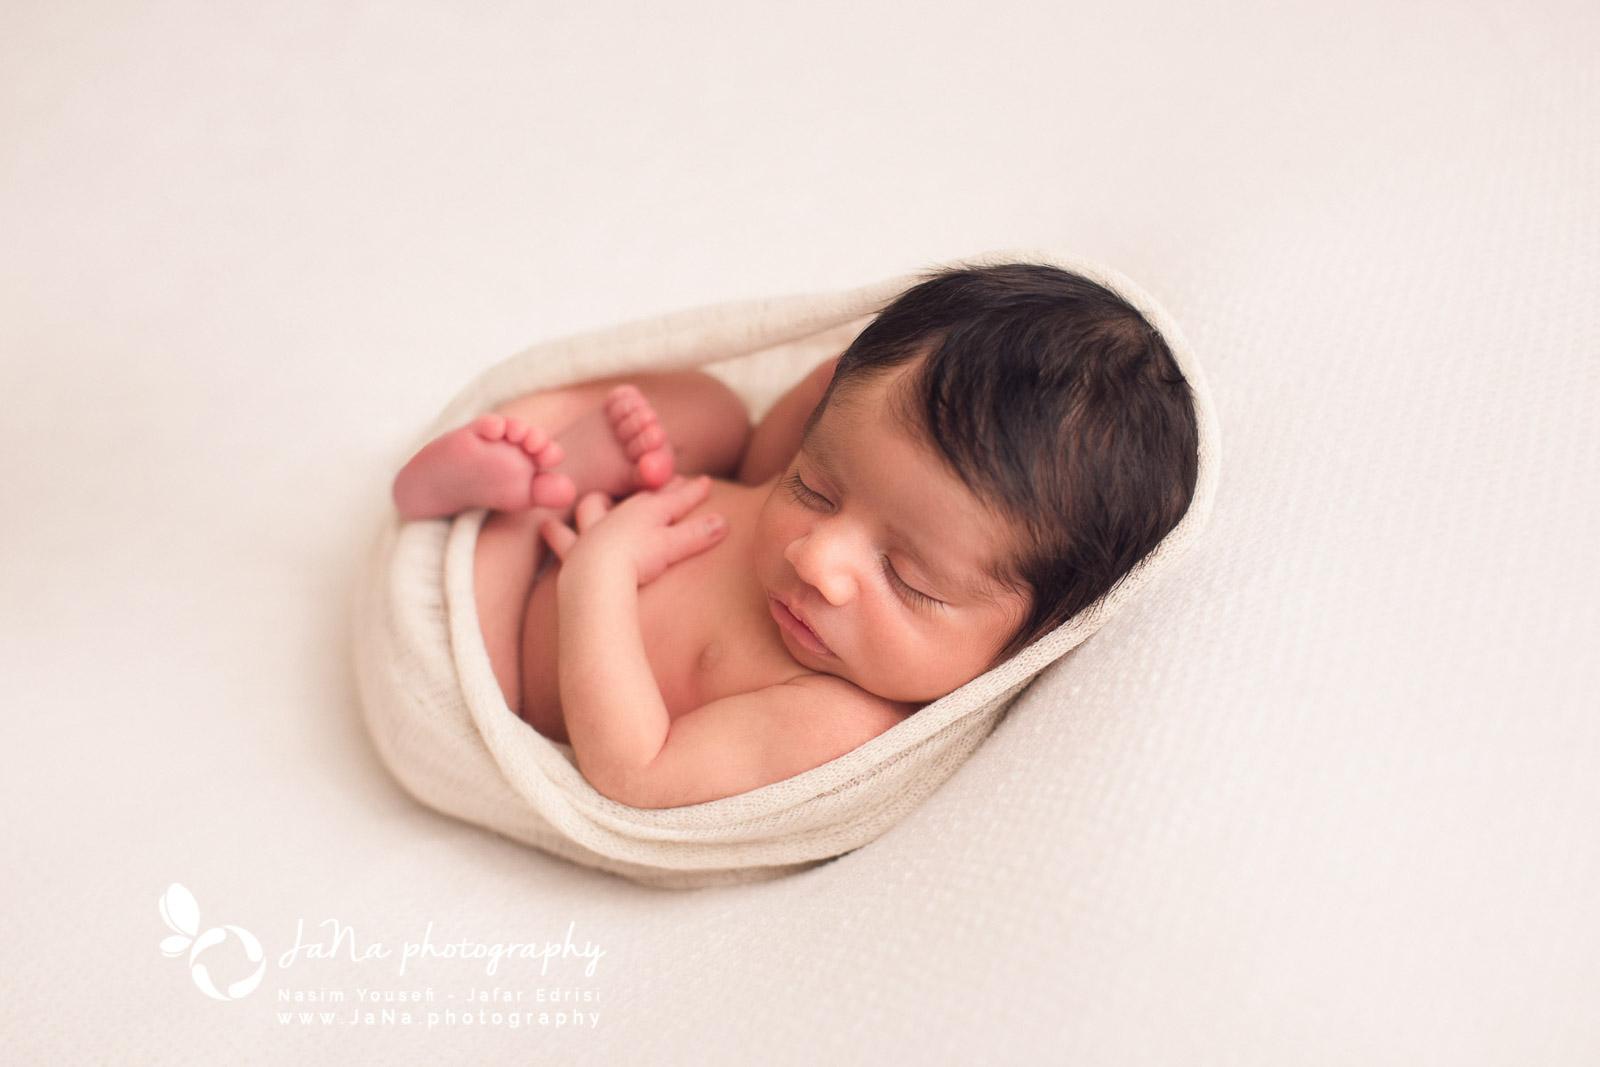 Newborn photography Burnaby - sleep white